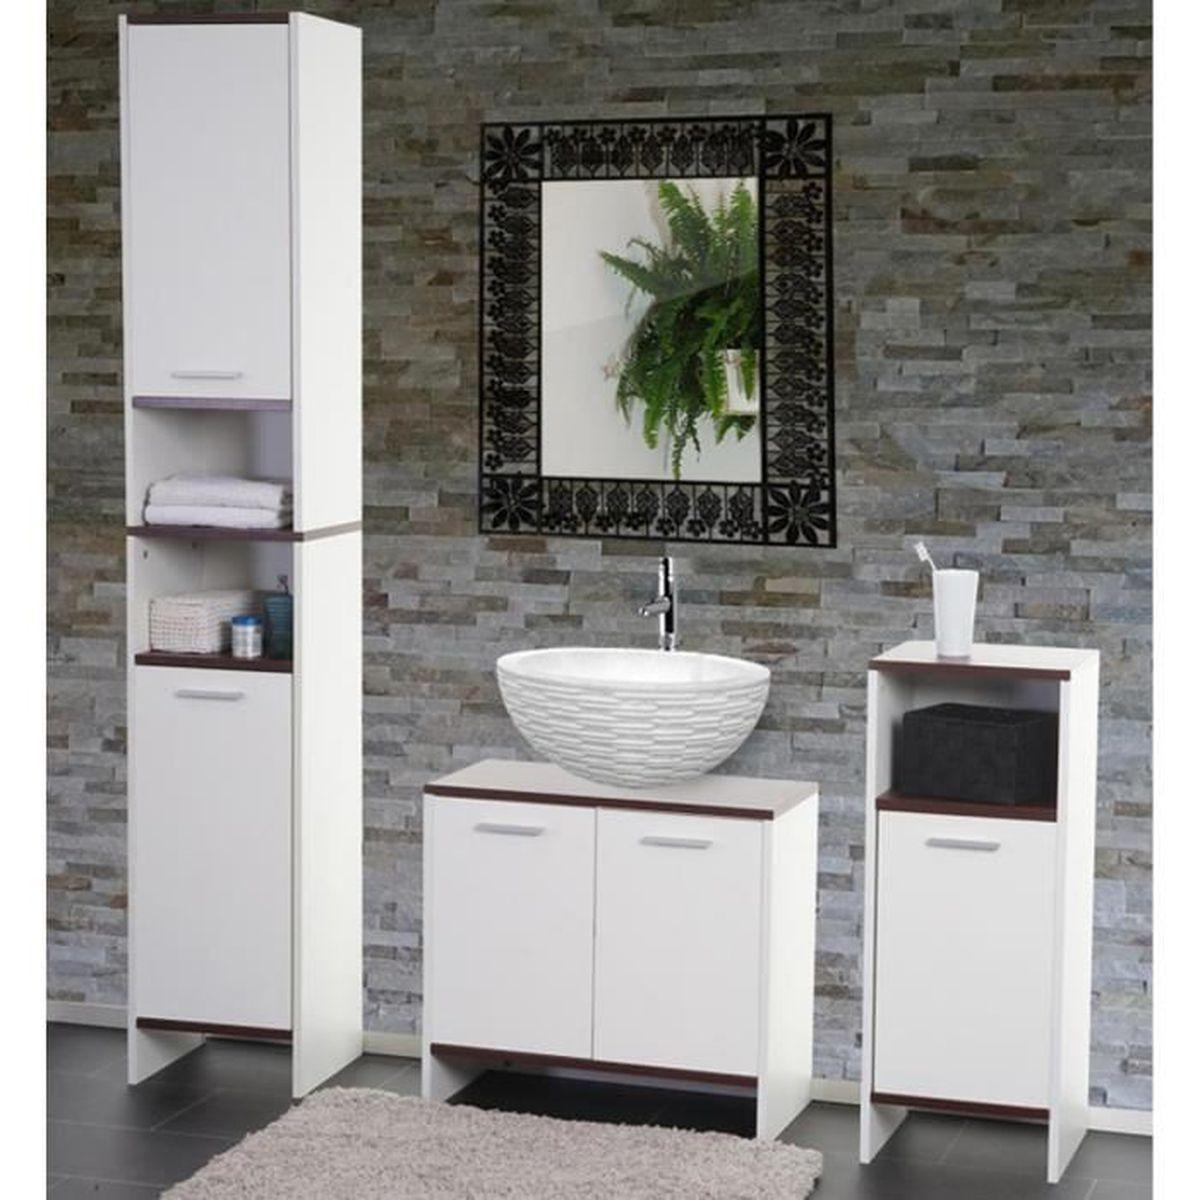 Vasque salle de bain castorama petite vasque salle de - Petite vasque salle de bain ...